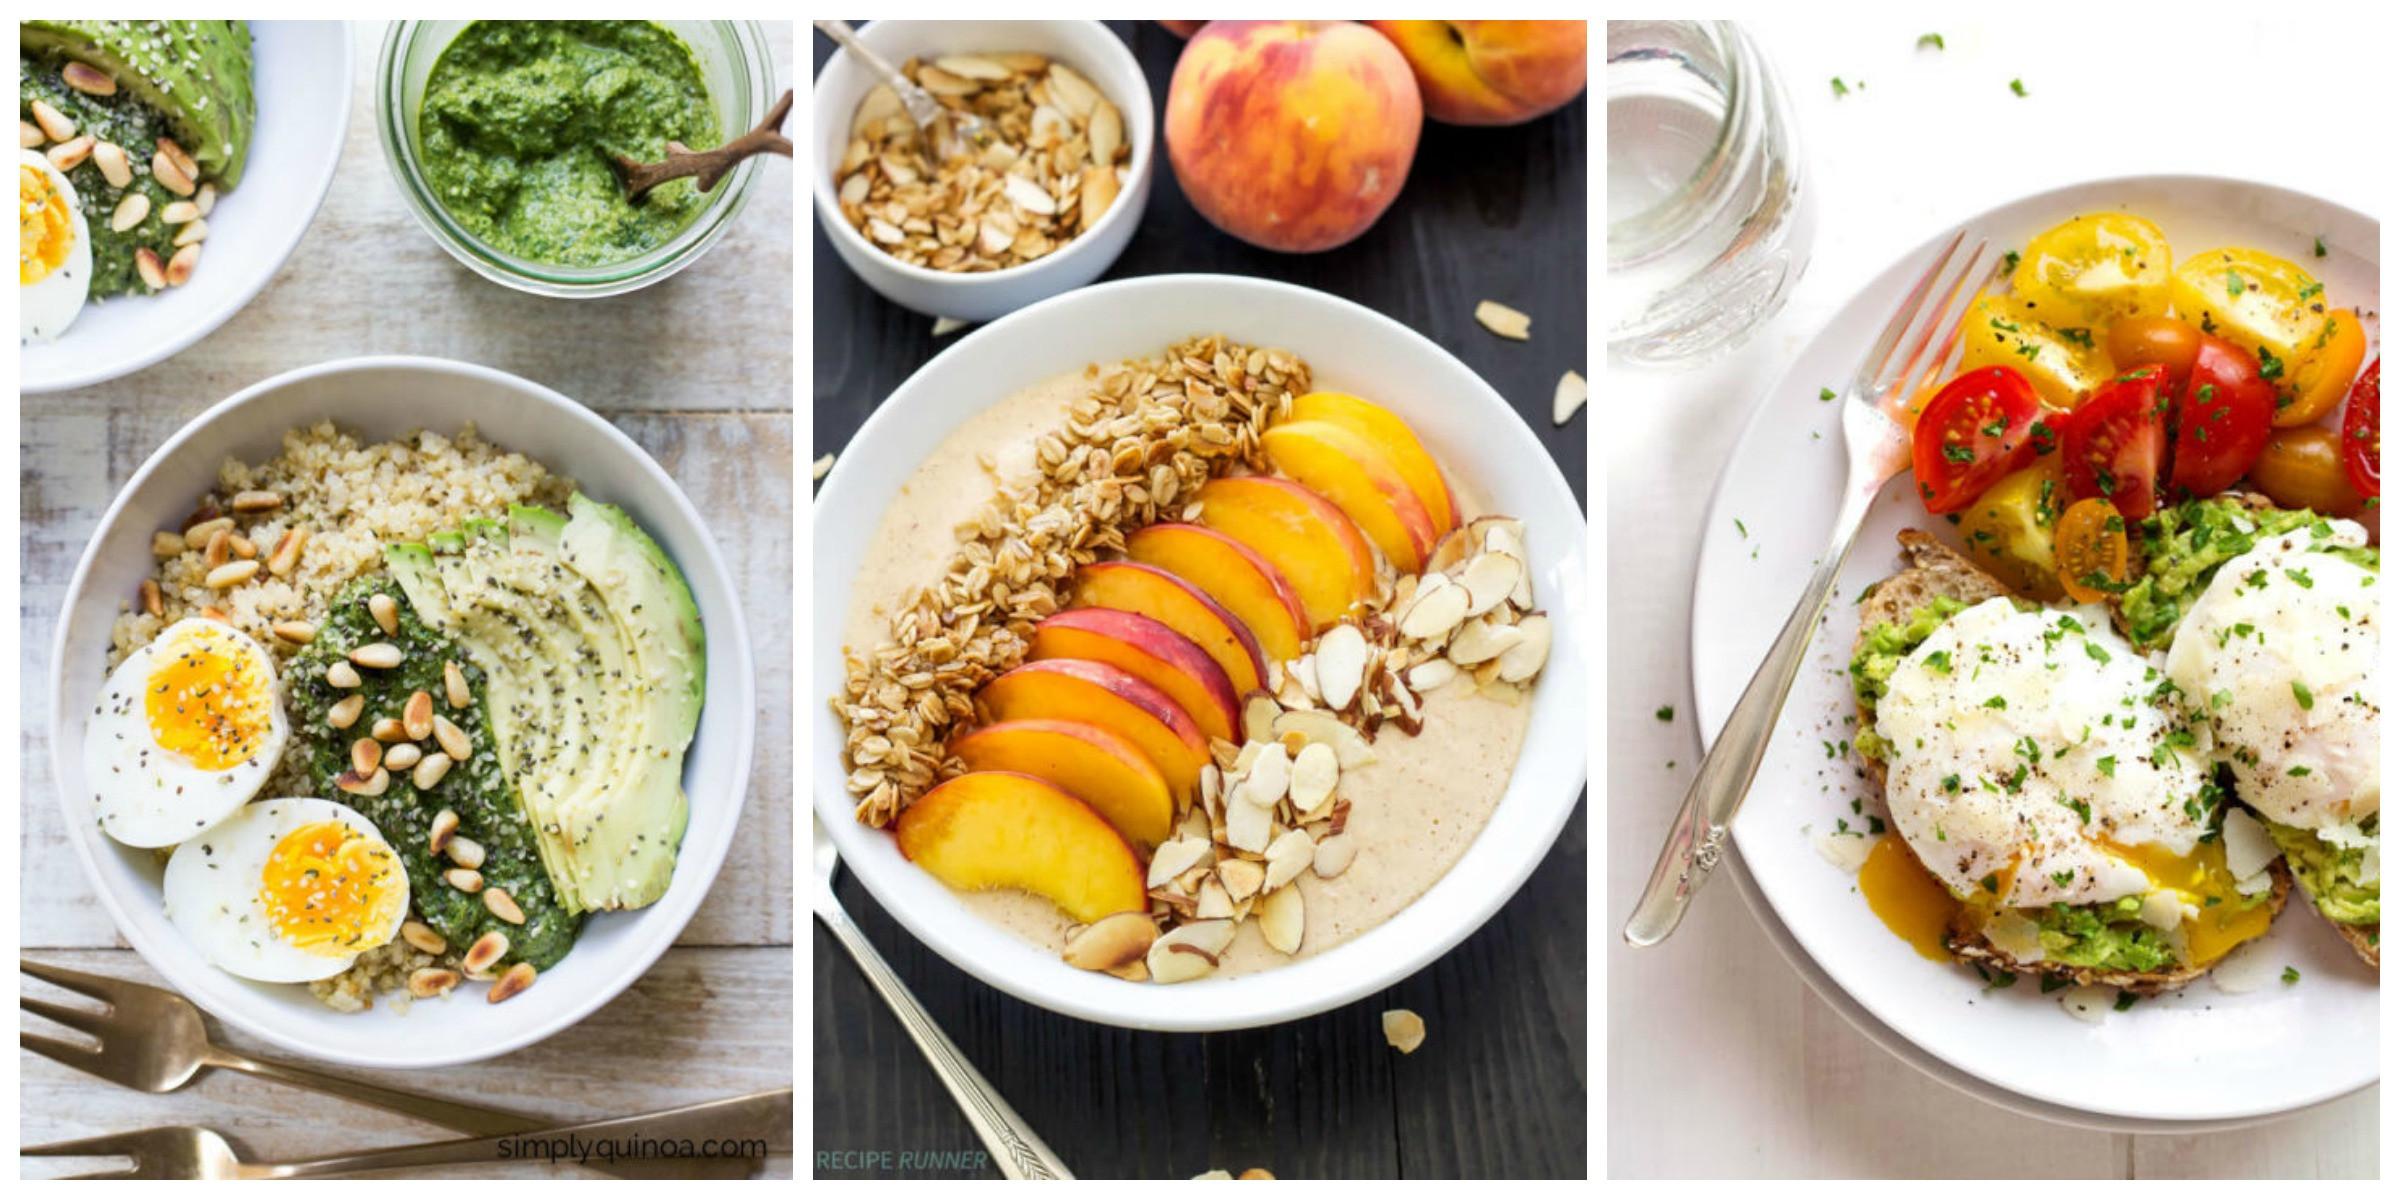 Healthy Breakfast Snacks  20 Best Healthy Breakfast Food Ideas Recipes for Healthy